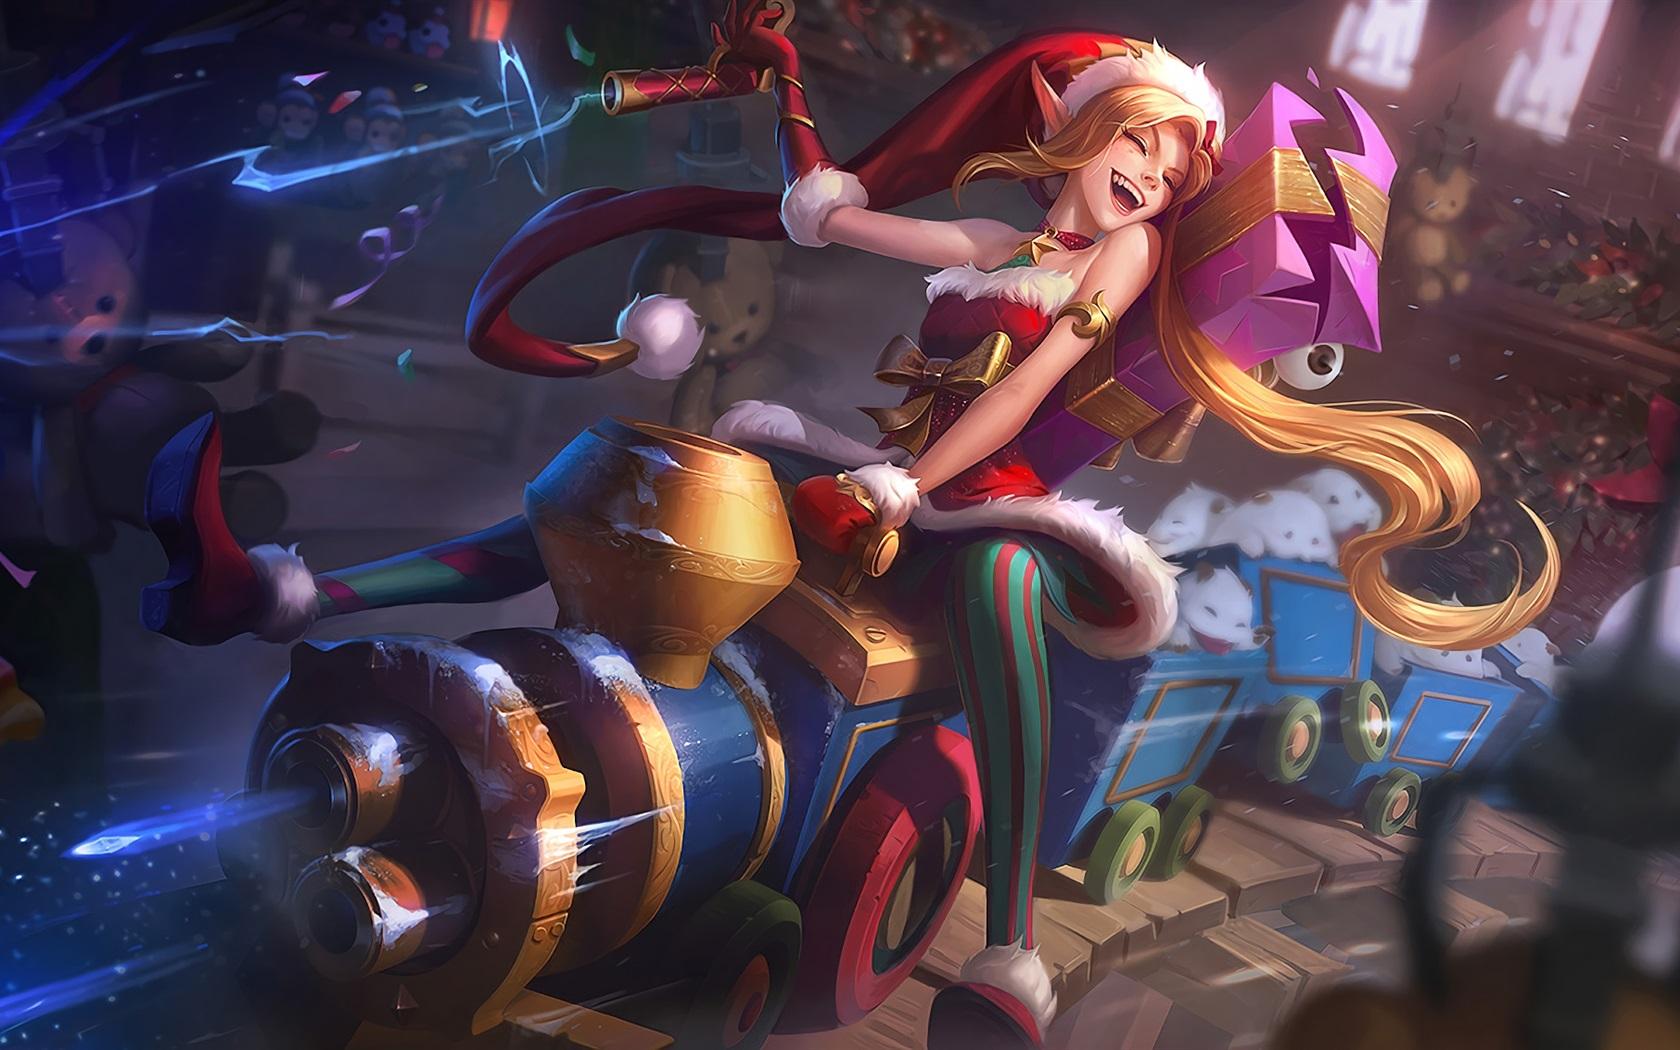 英雄联盟礼物池_英雄联盟,美丽的小精灵女孩,圣诞节,礼物,火车,艺术图片 壁纸